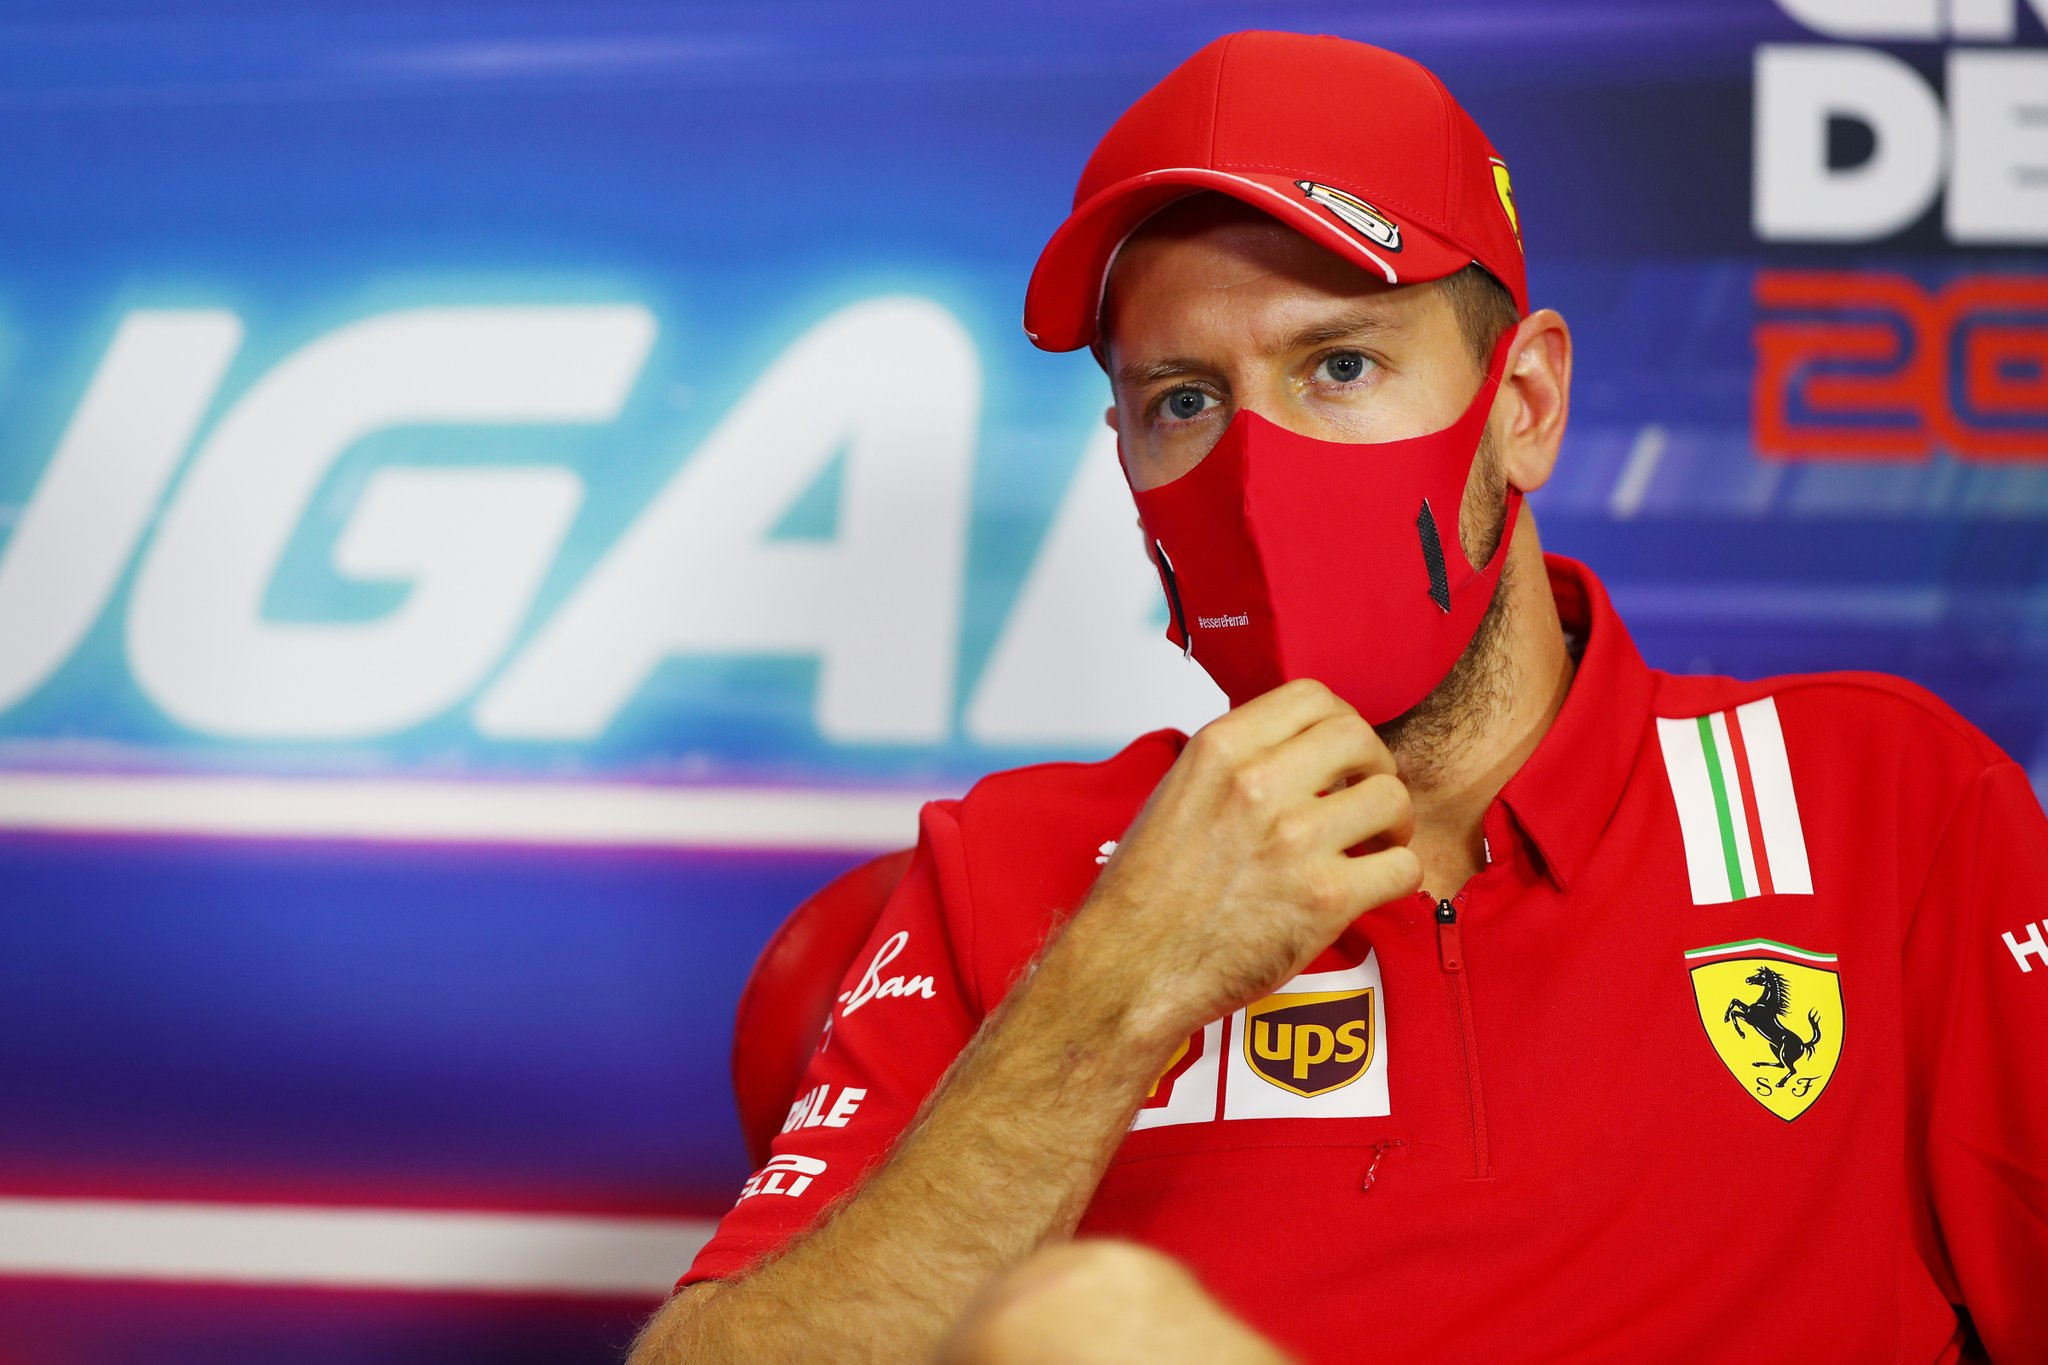 Sebastian Vettel, conferencia de prensa FIA- Foto FIA